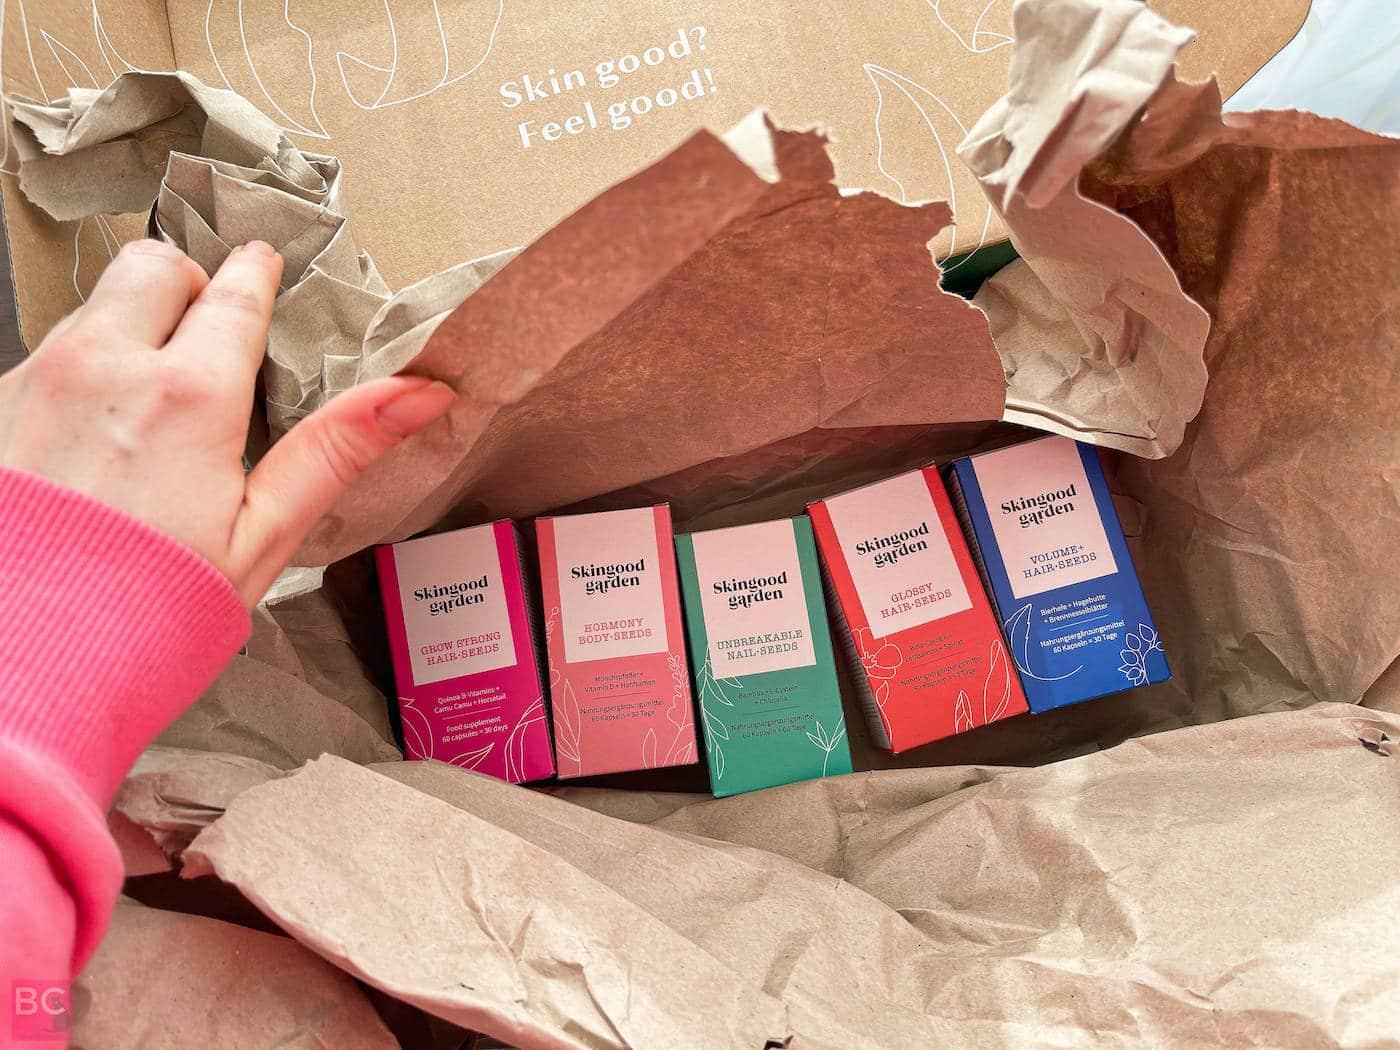 Skingood Garden Erfahrungen Skin Body Hair Nail Seeds Kapseln Karton Verpackung